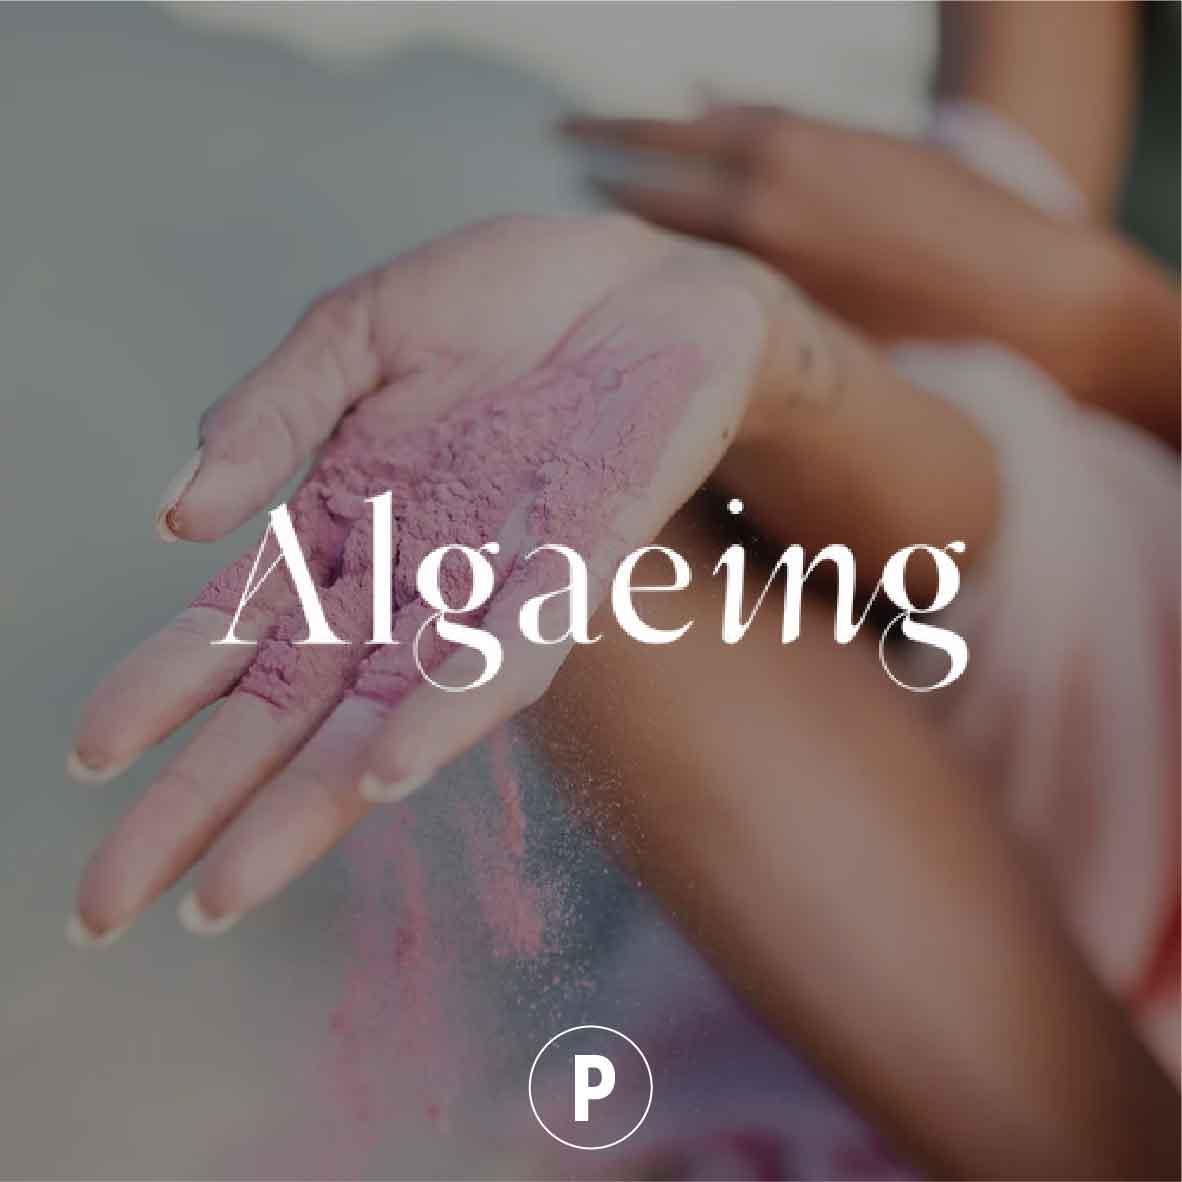 Algaeing